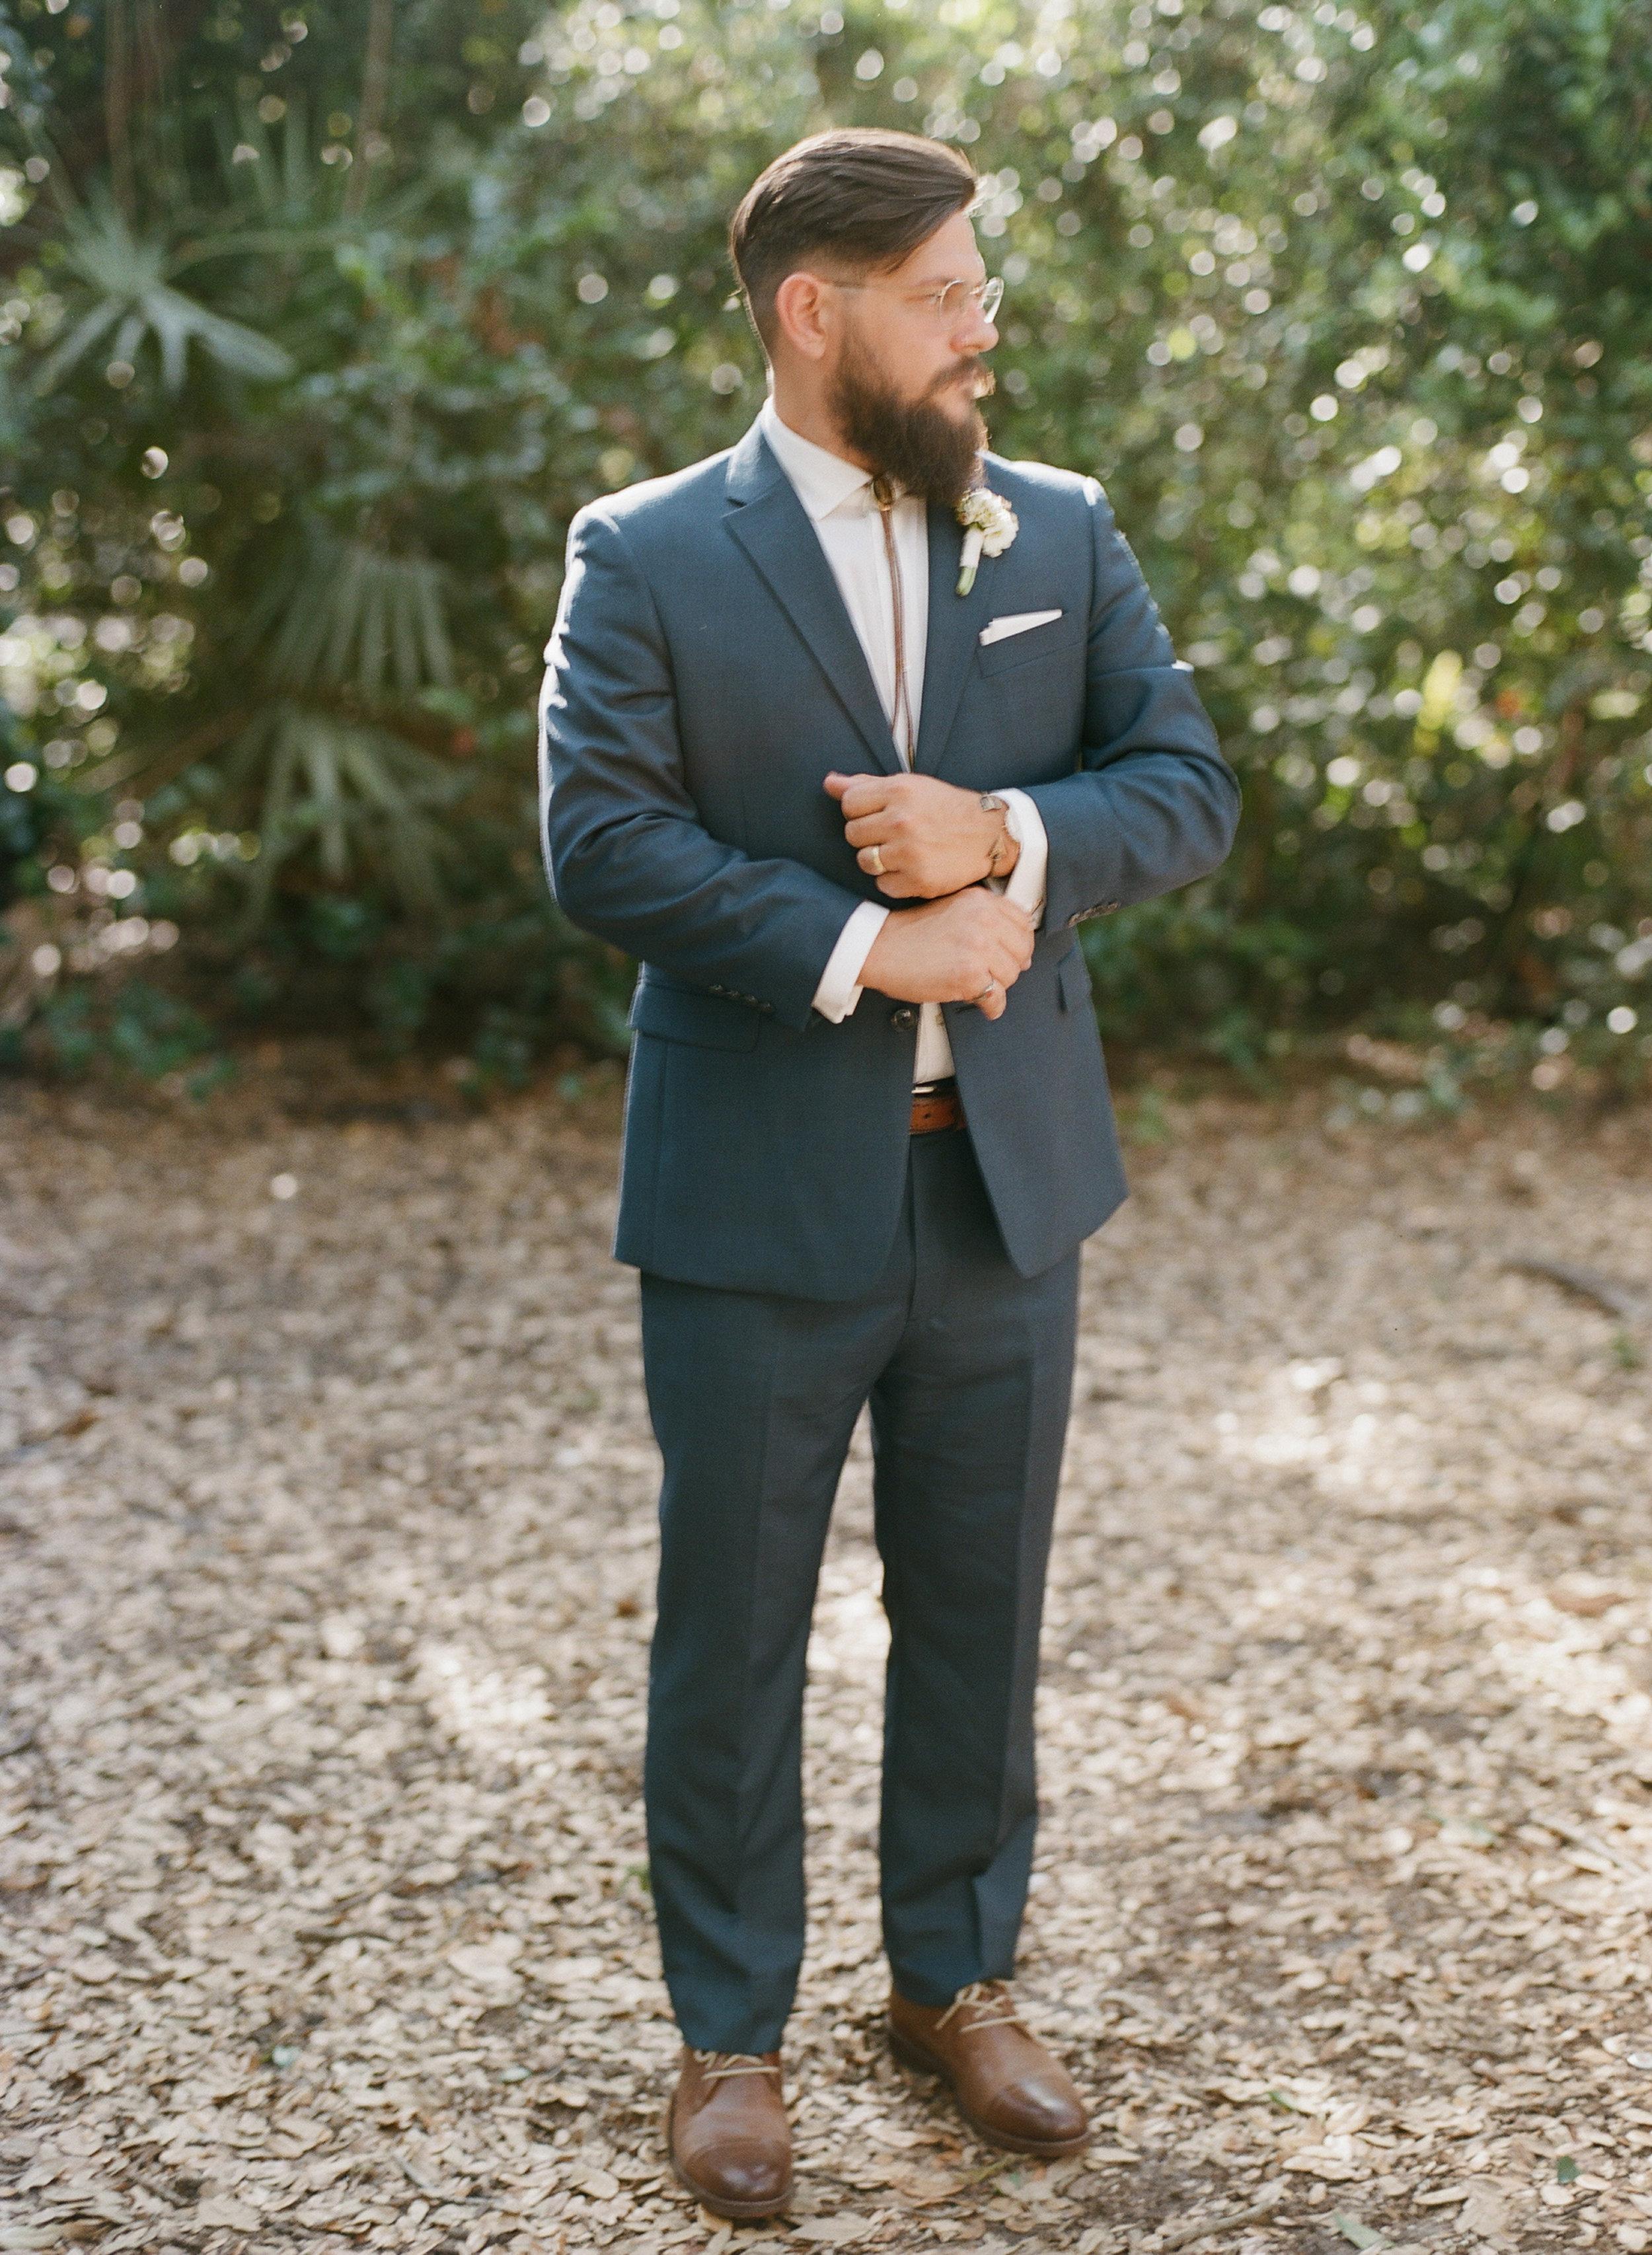 23-groom-modern-suit.jpg